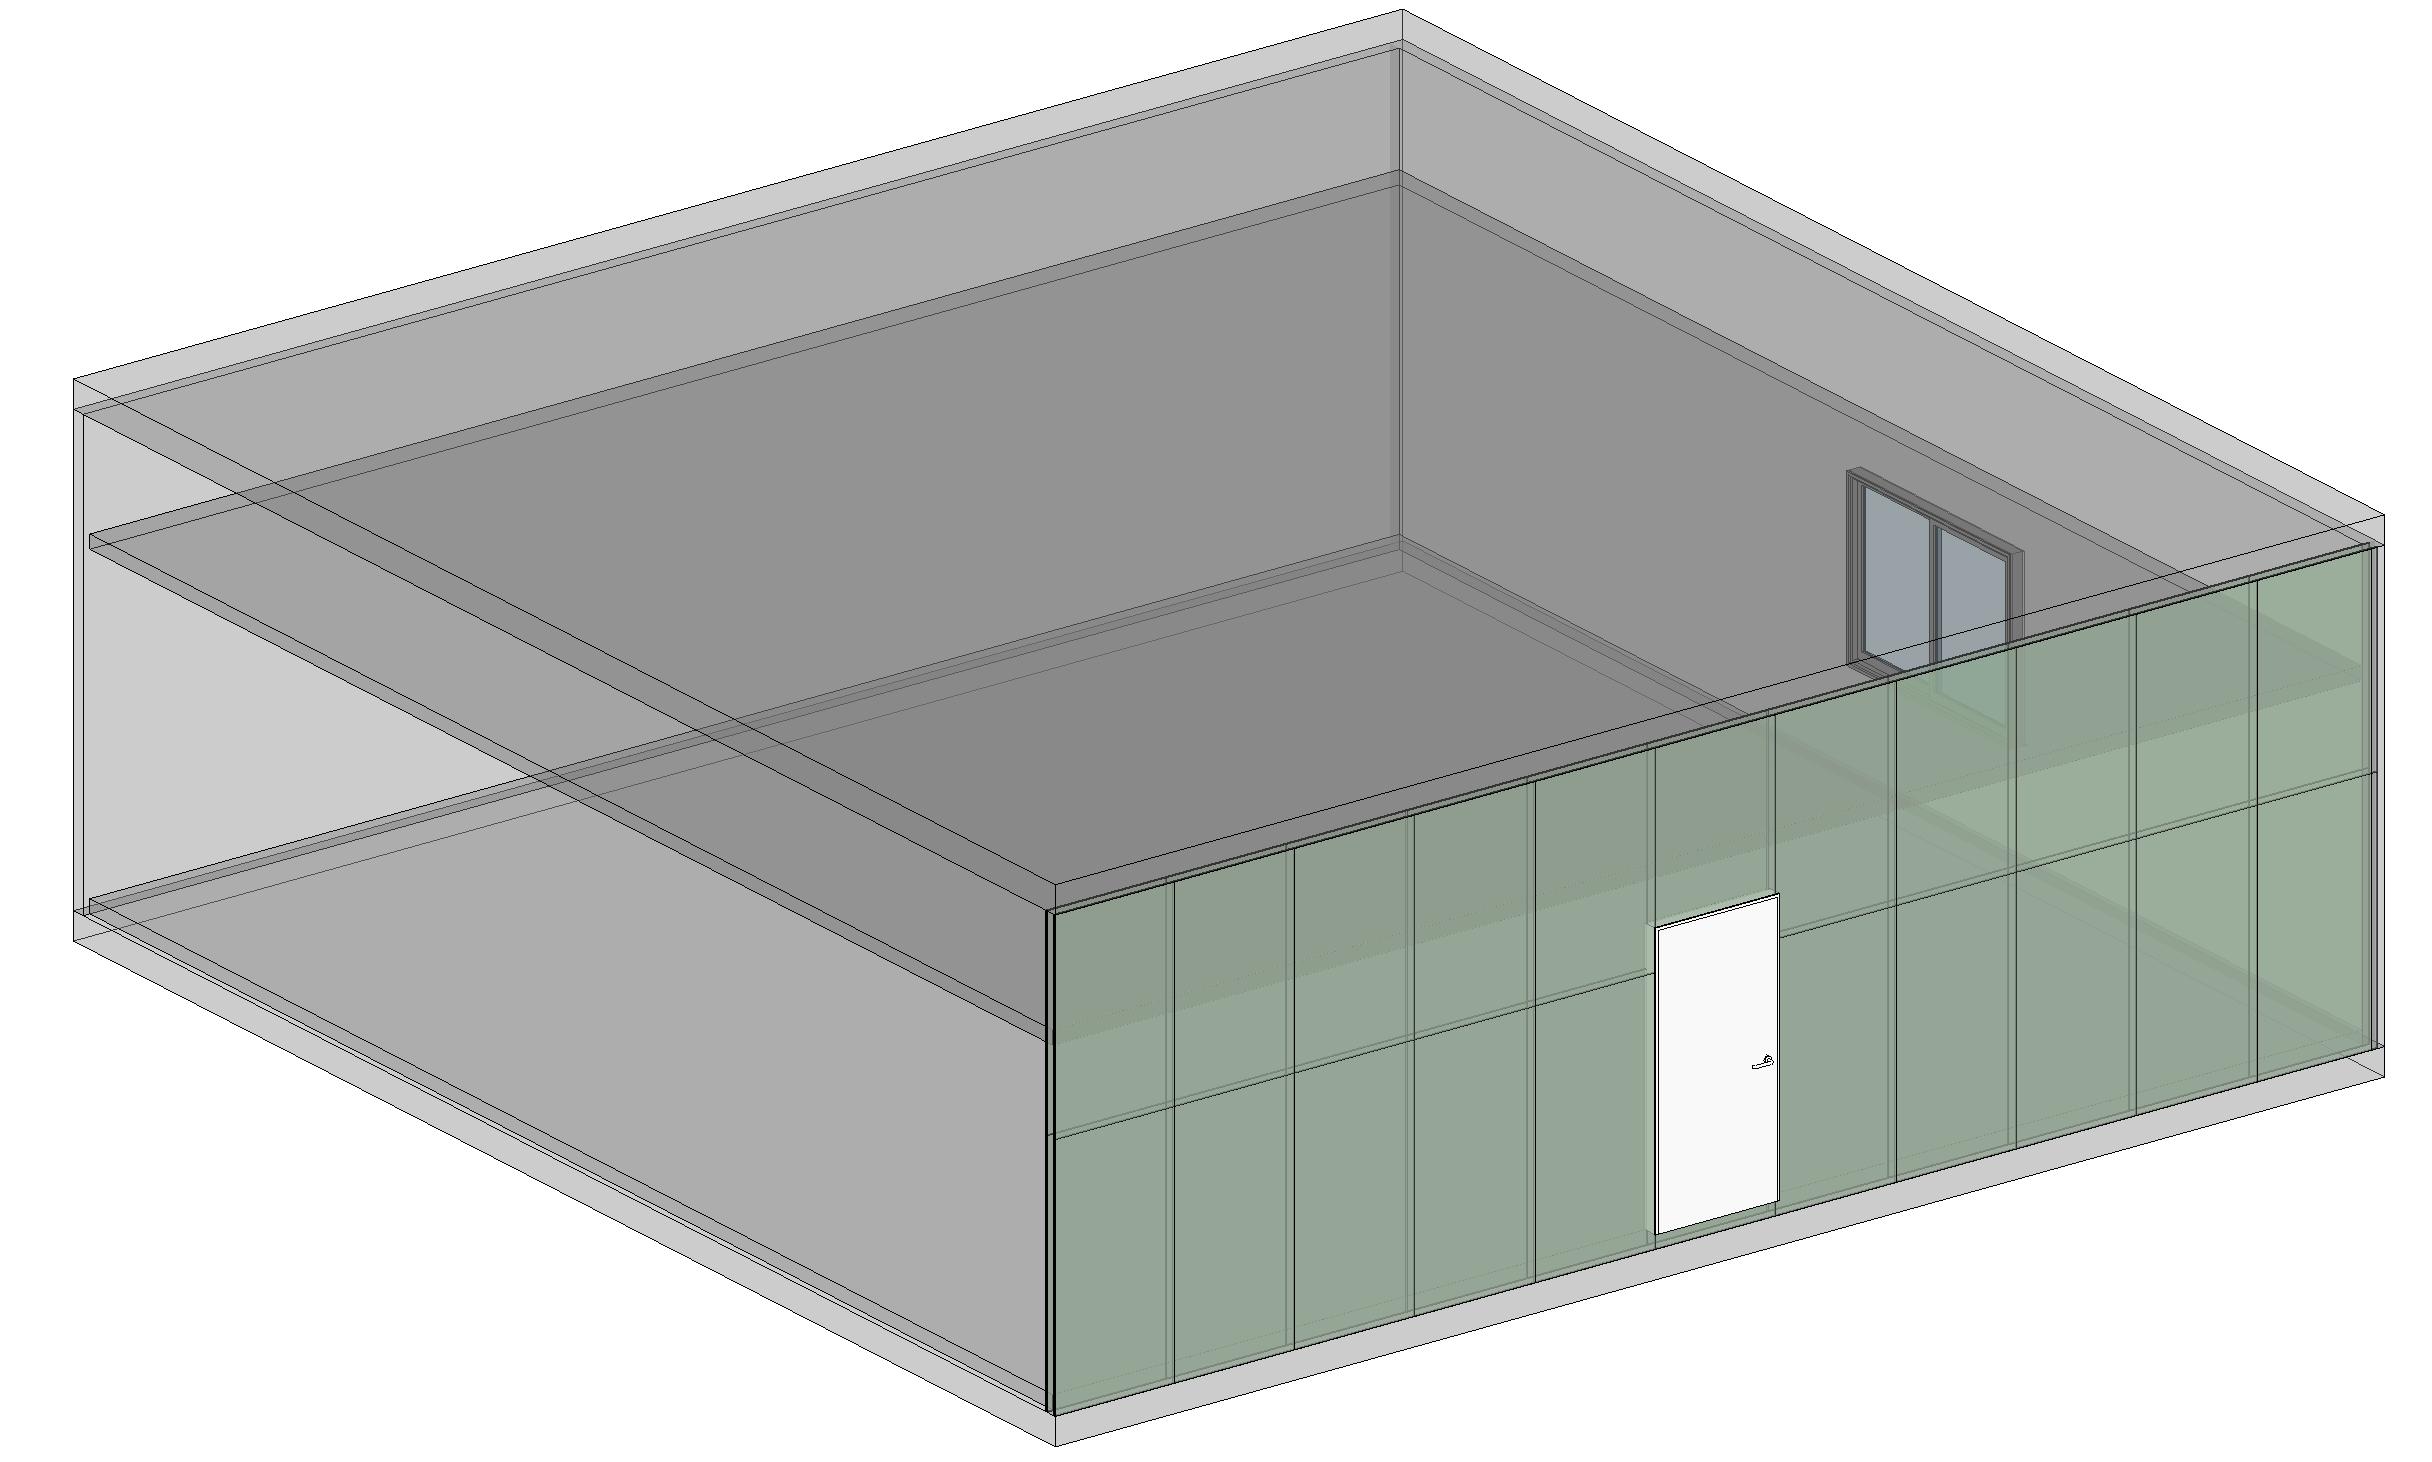 【AX-Design Family Library】新規コマンド対応ファミリ